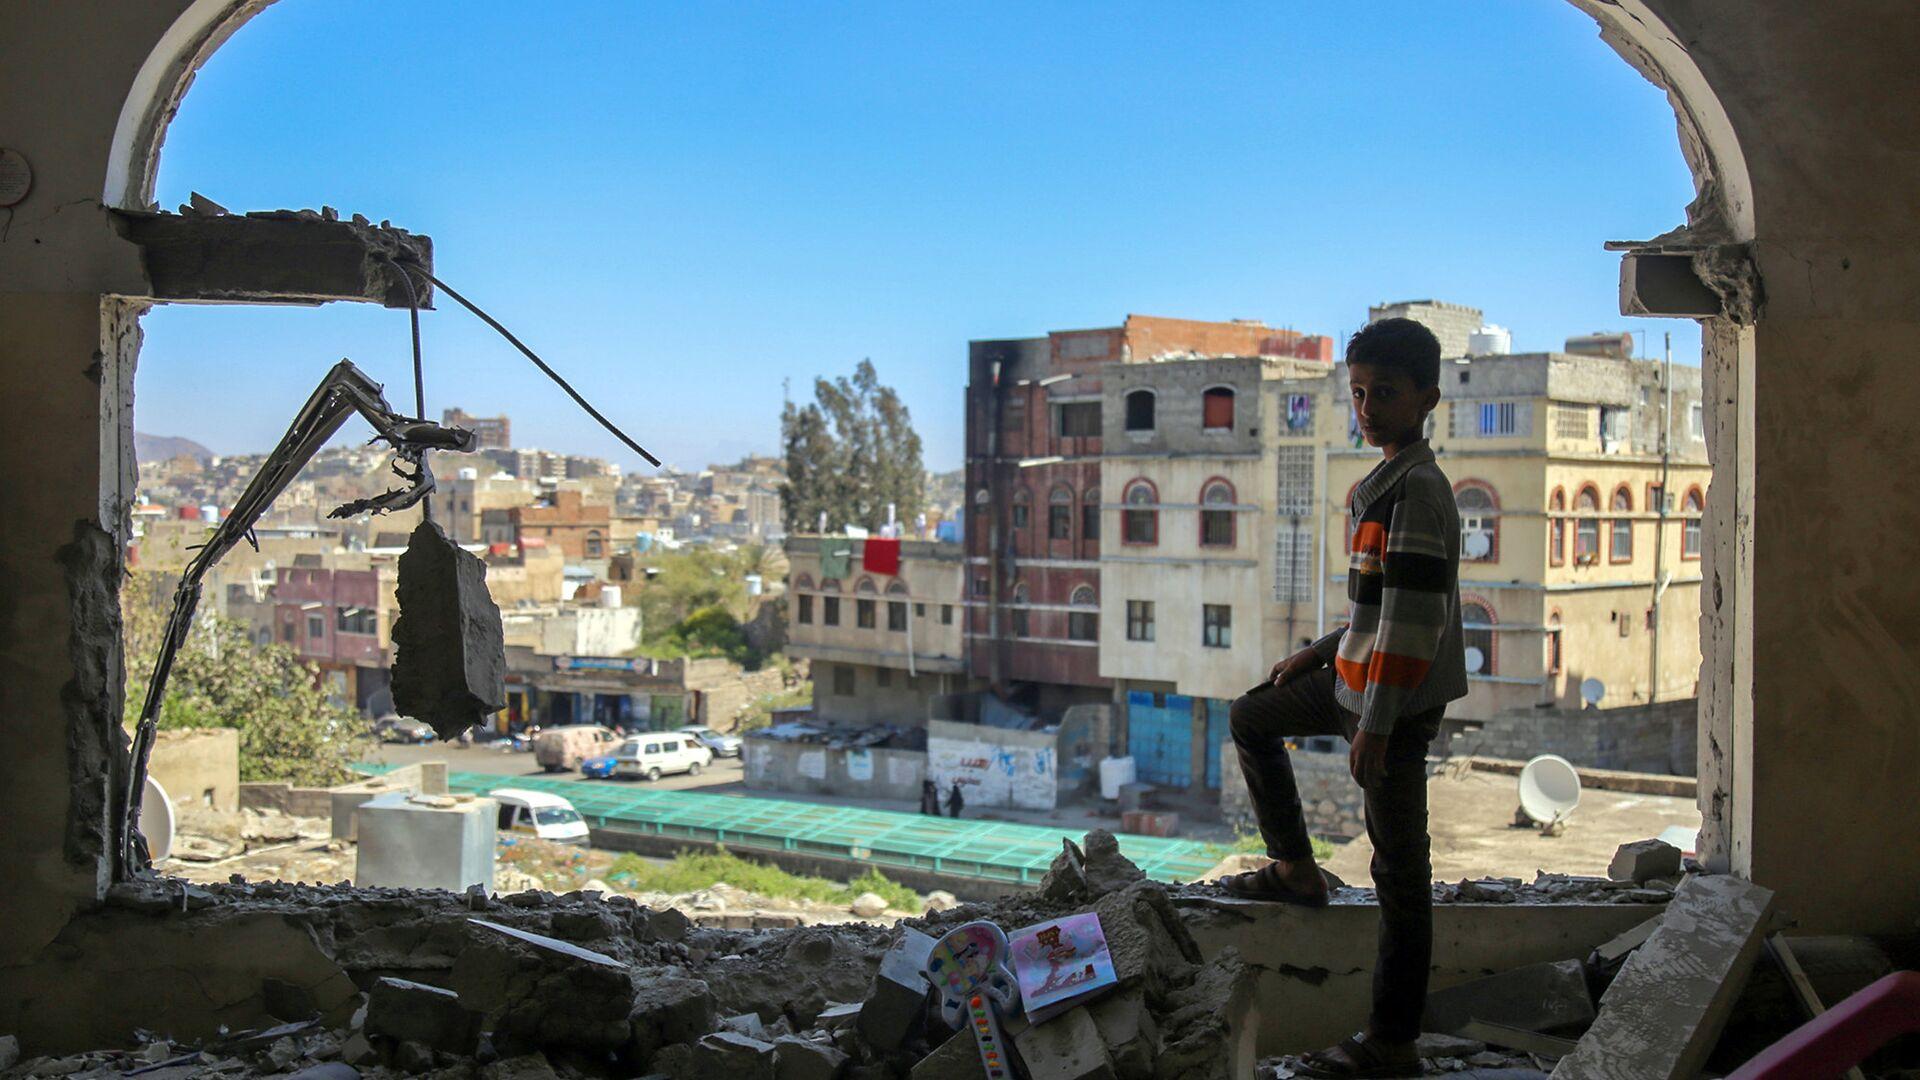 Мальчик осматривает разрушенное здание после атаки на город Таиз в Йемене. Февраль 2016 - РИА Новости, 1920, 24.09.2021